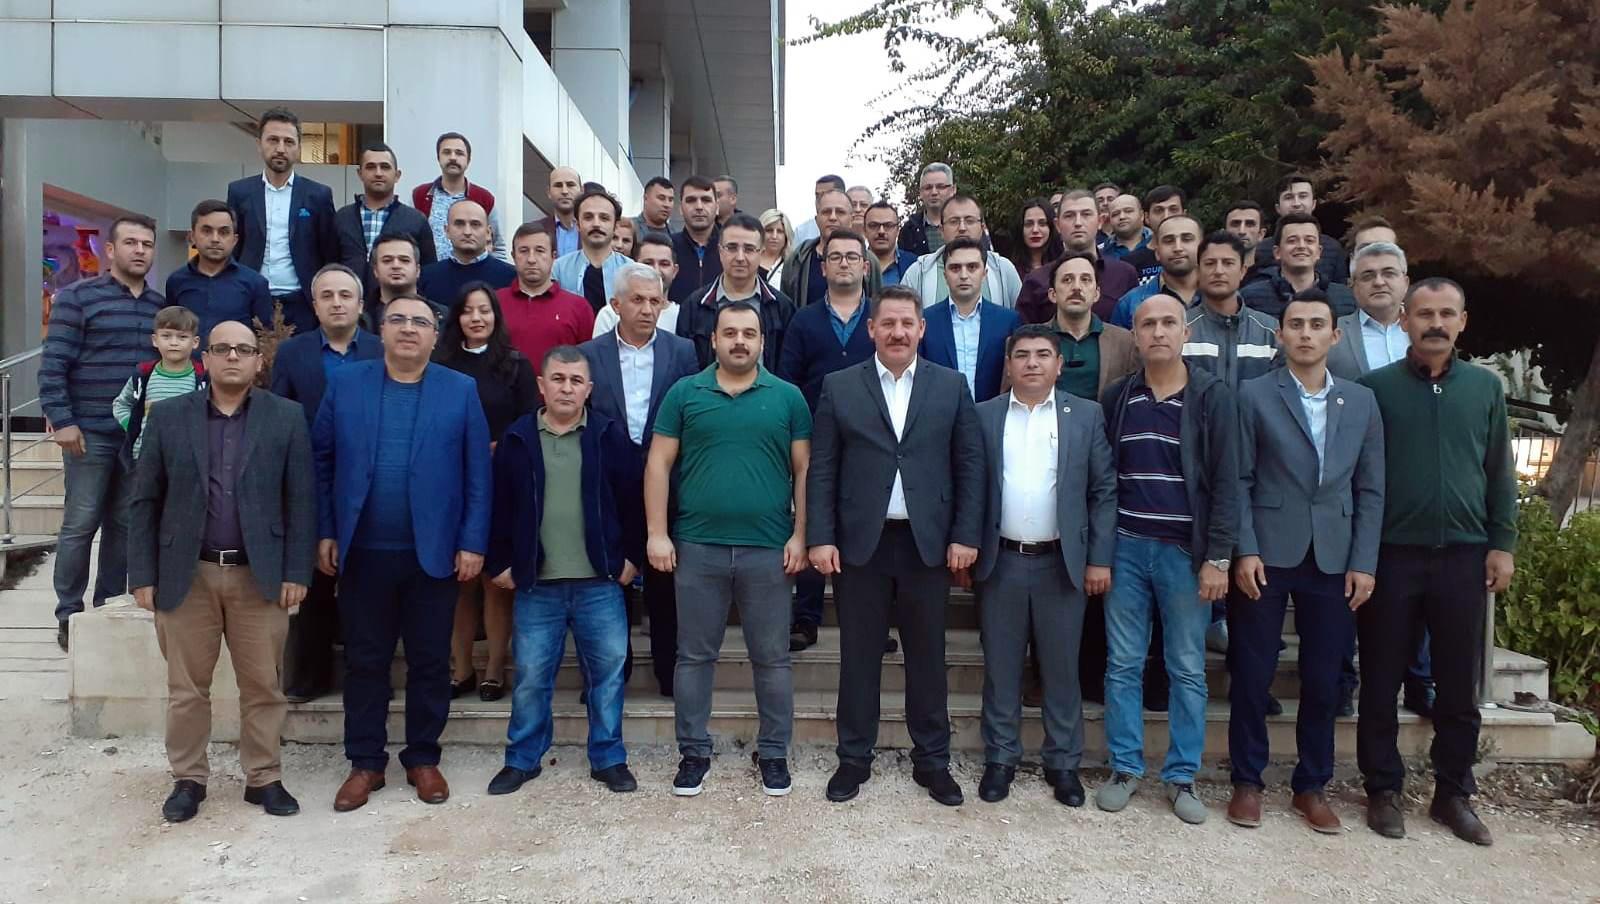 Budak ve Burgaç Antalya'da PTT A.Ş. Çalışanlarıyla Bir Araya Geldiler